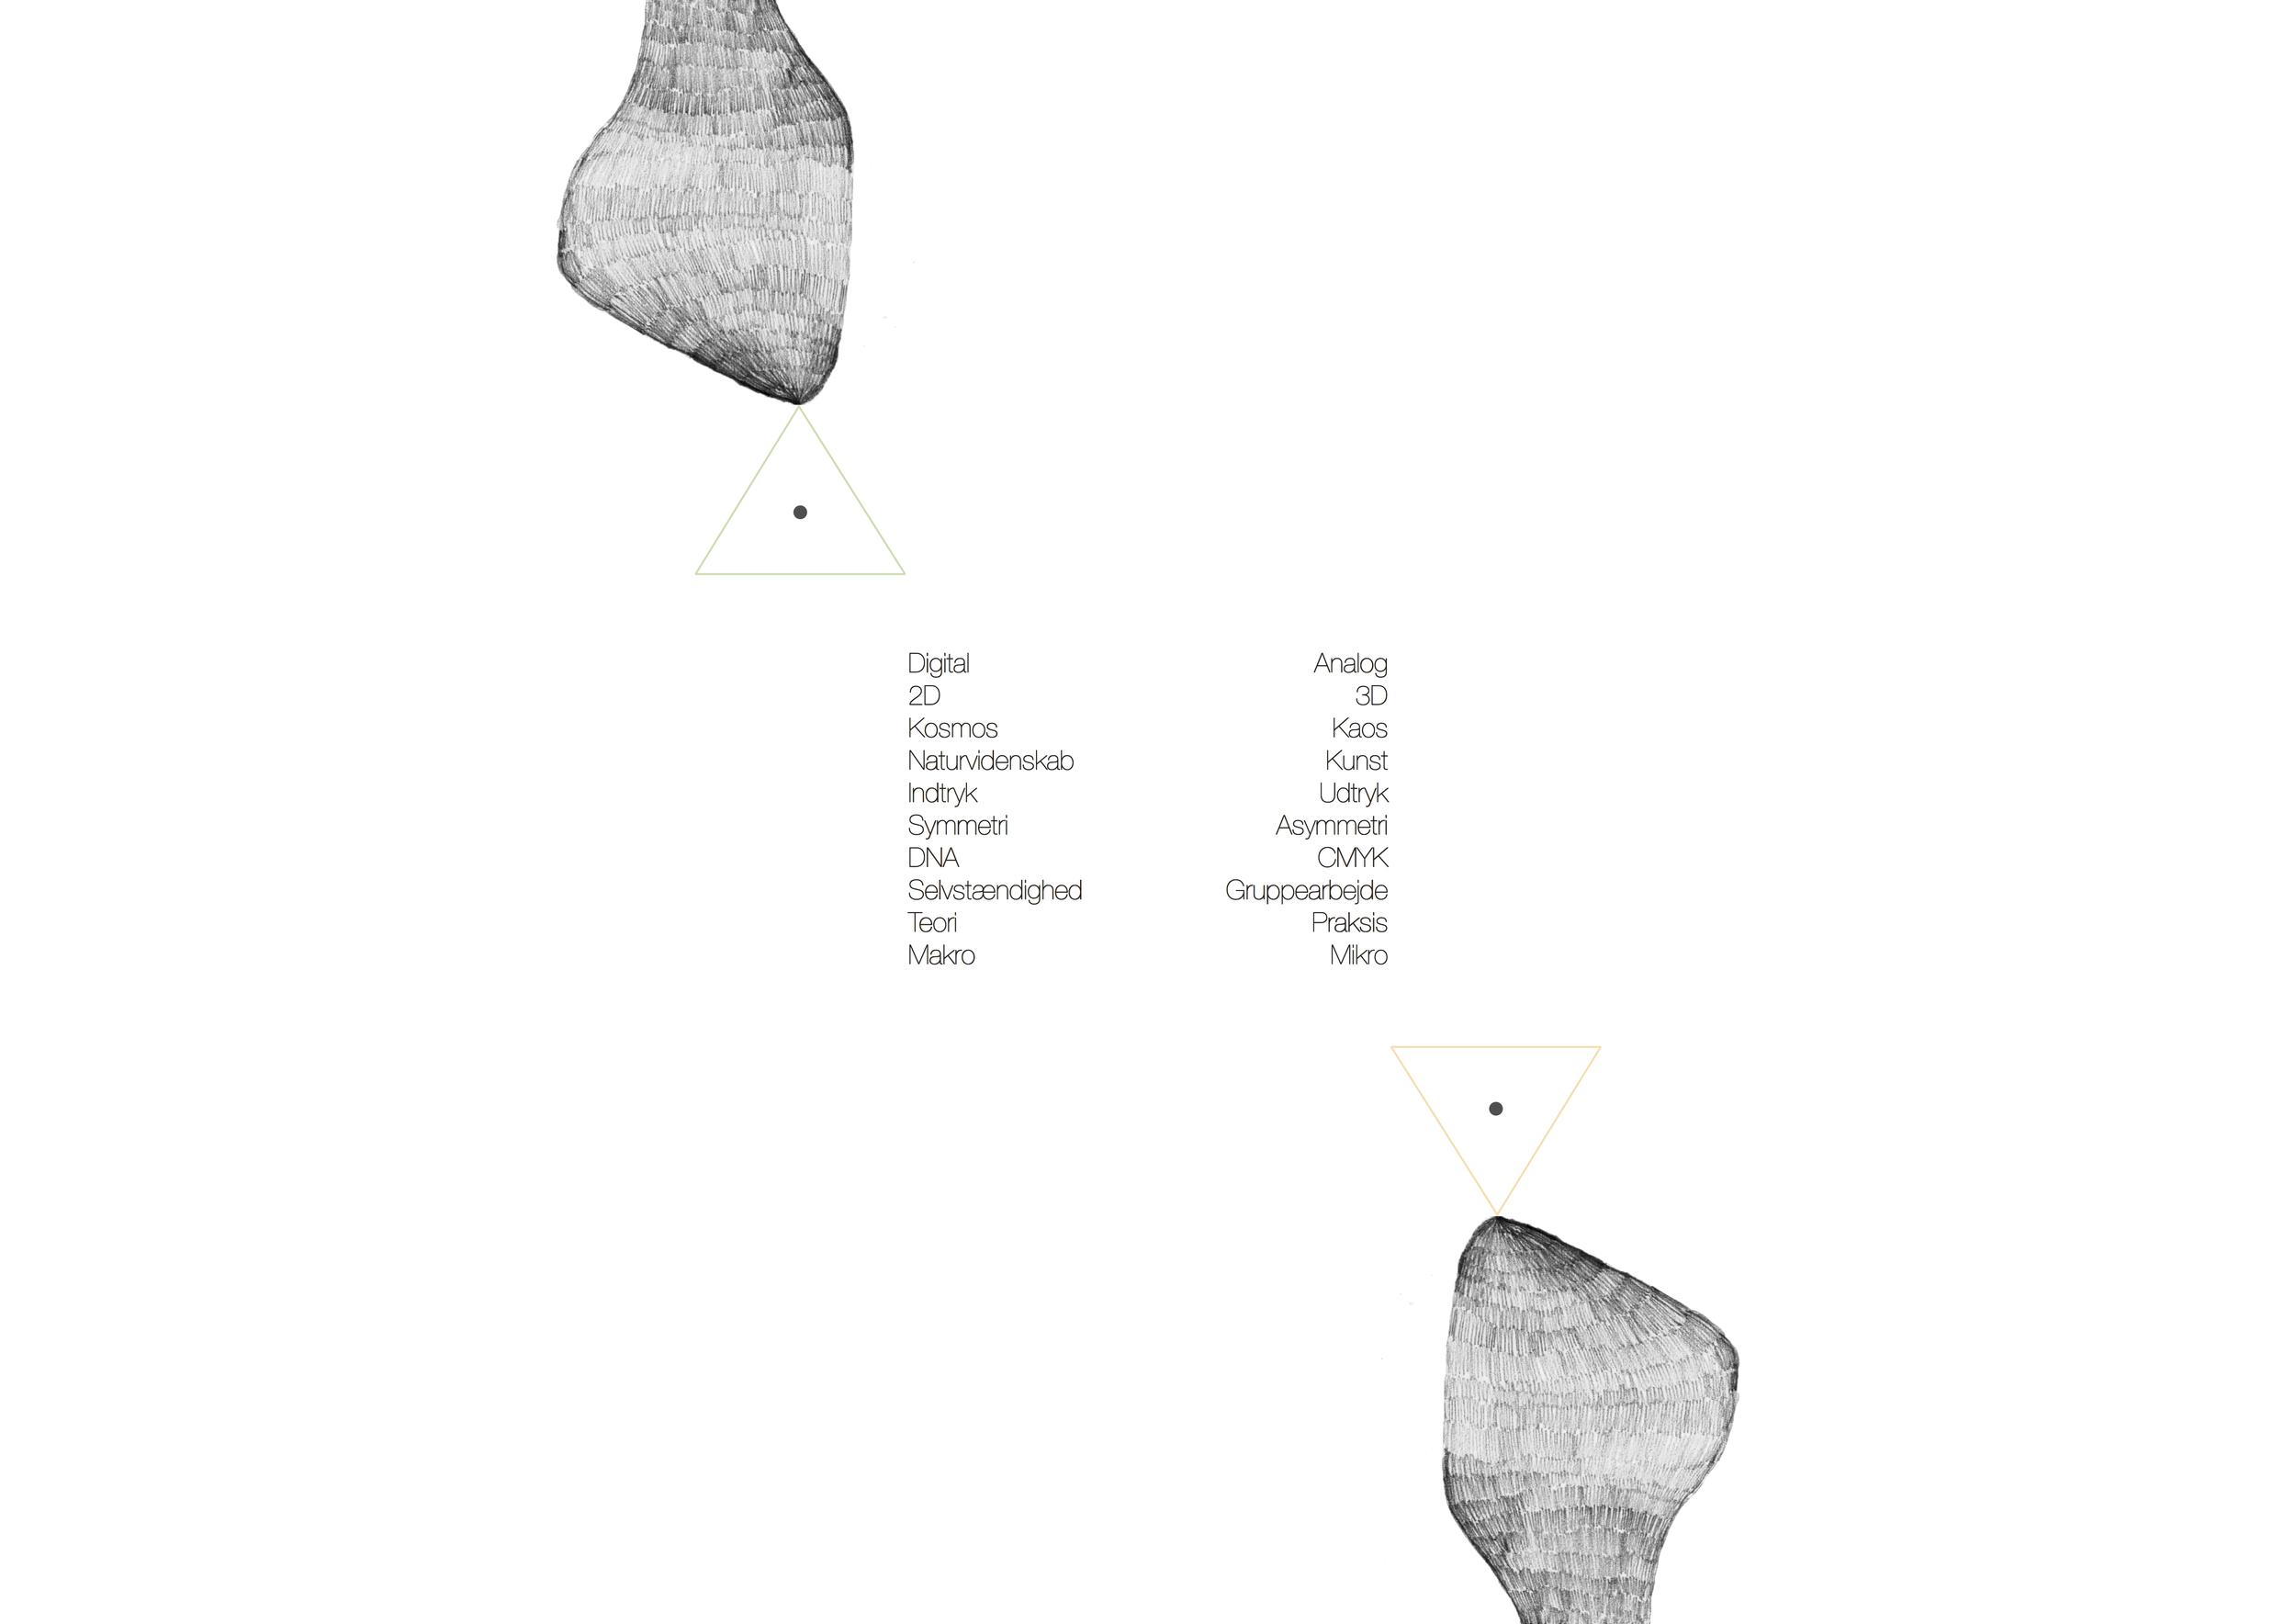 Årsrapport_s3.jpg